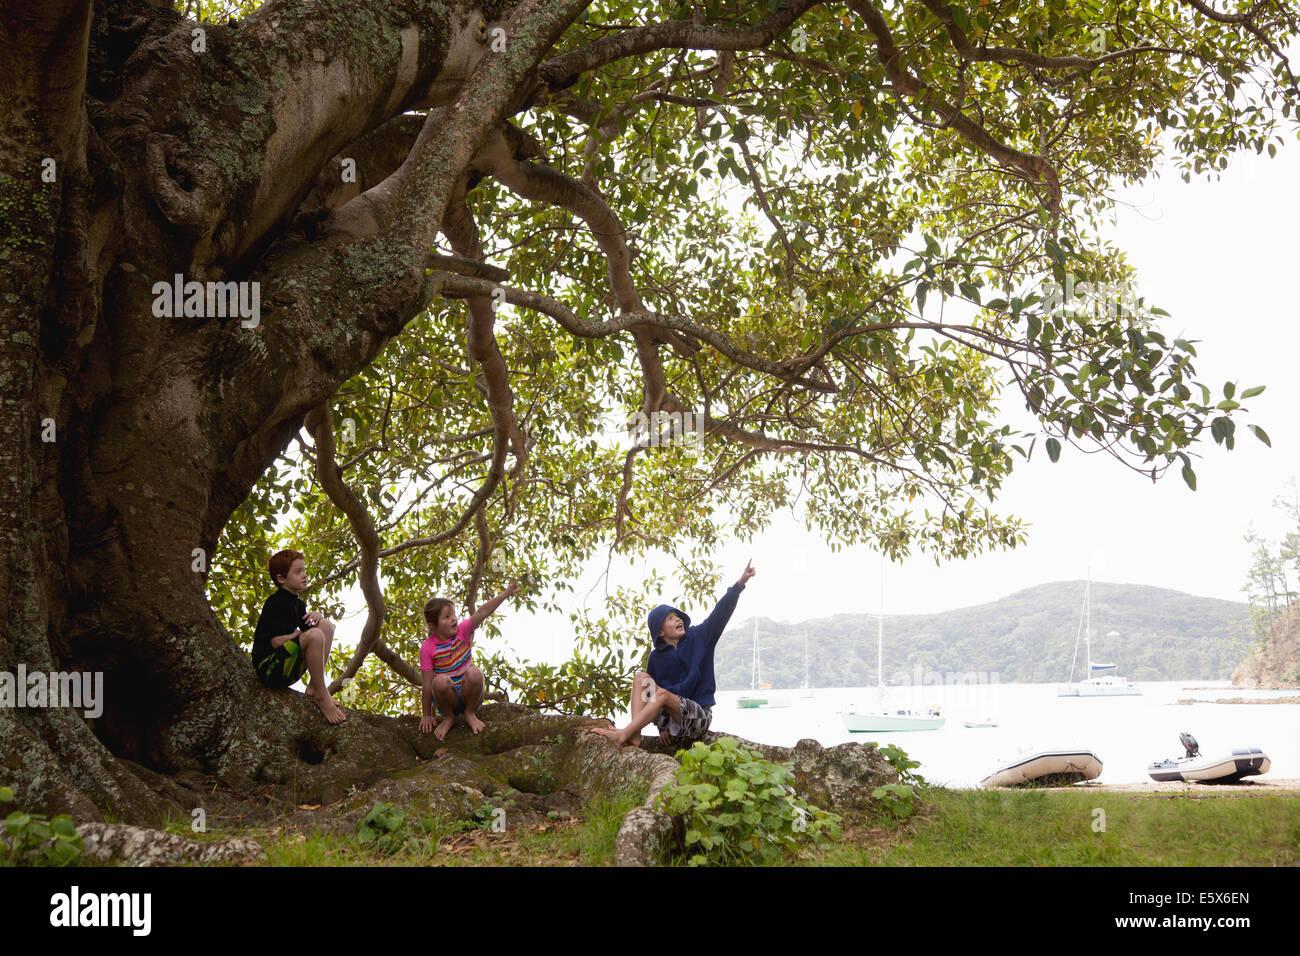 Tre ragazzi seduti sotto agli alberi Immagini Stock